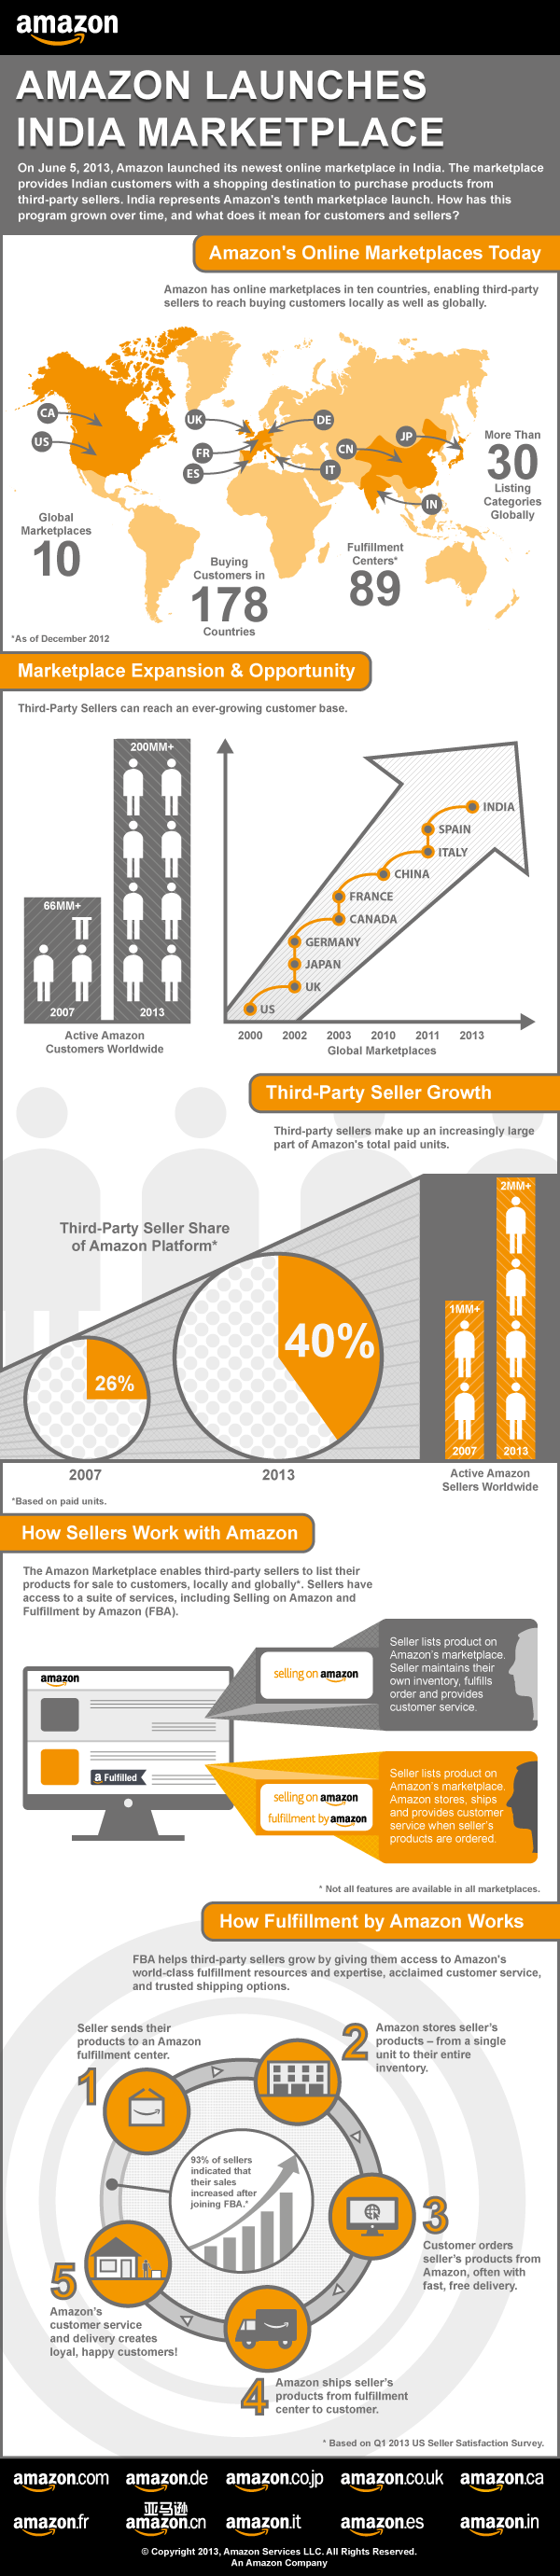 Amazon launches India marketplace